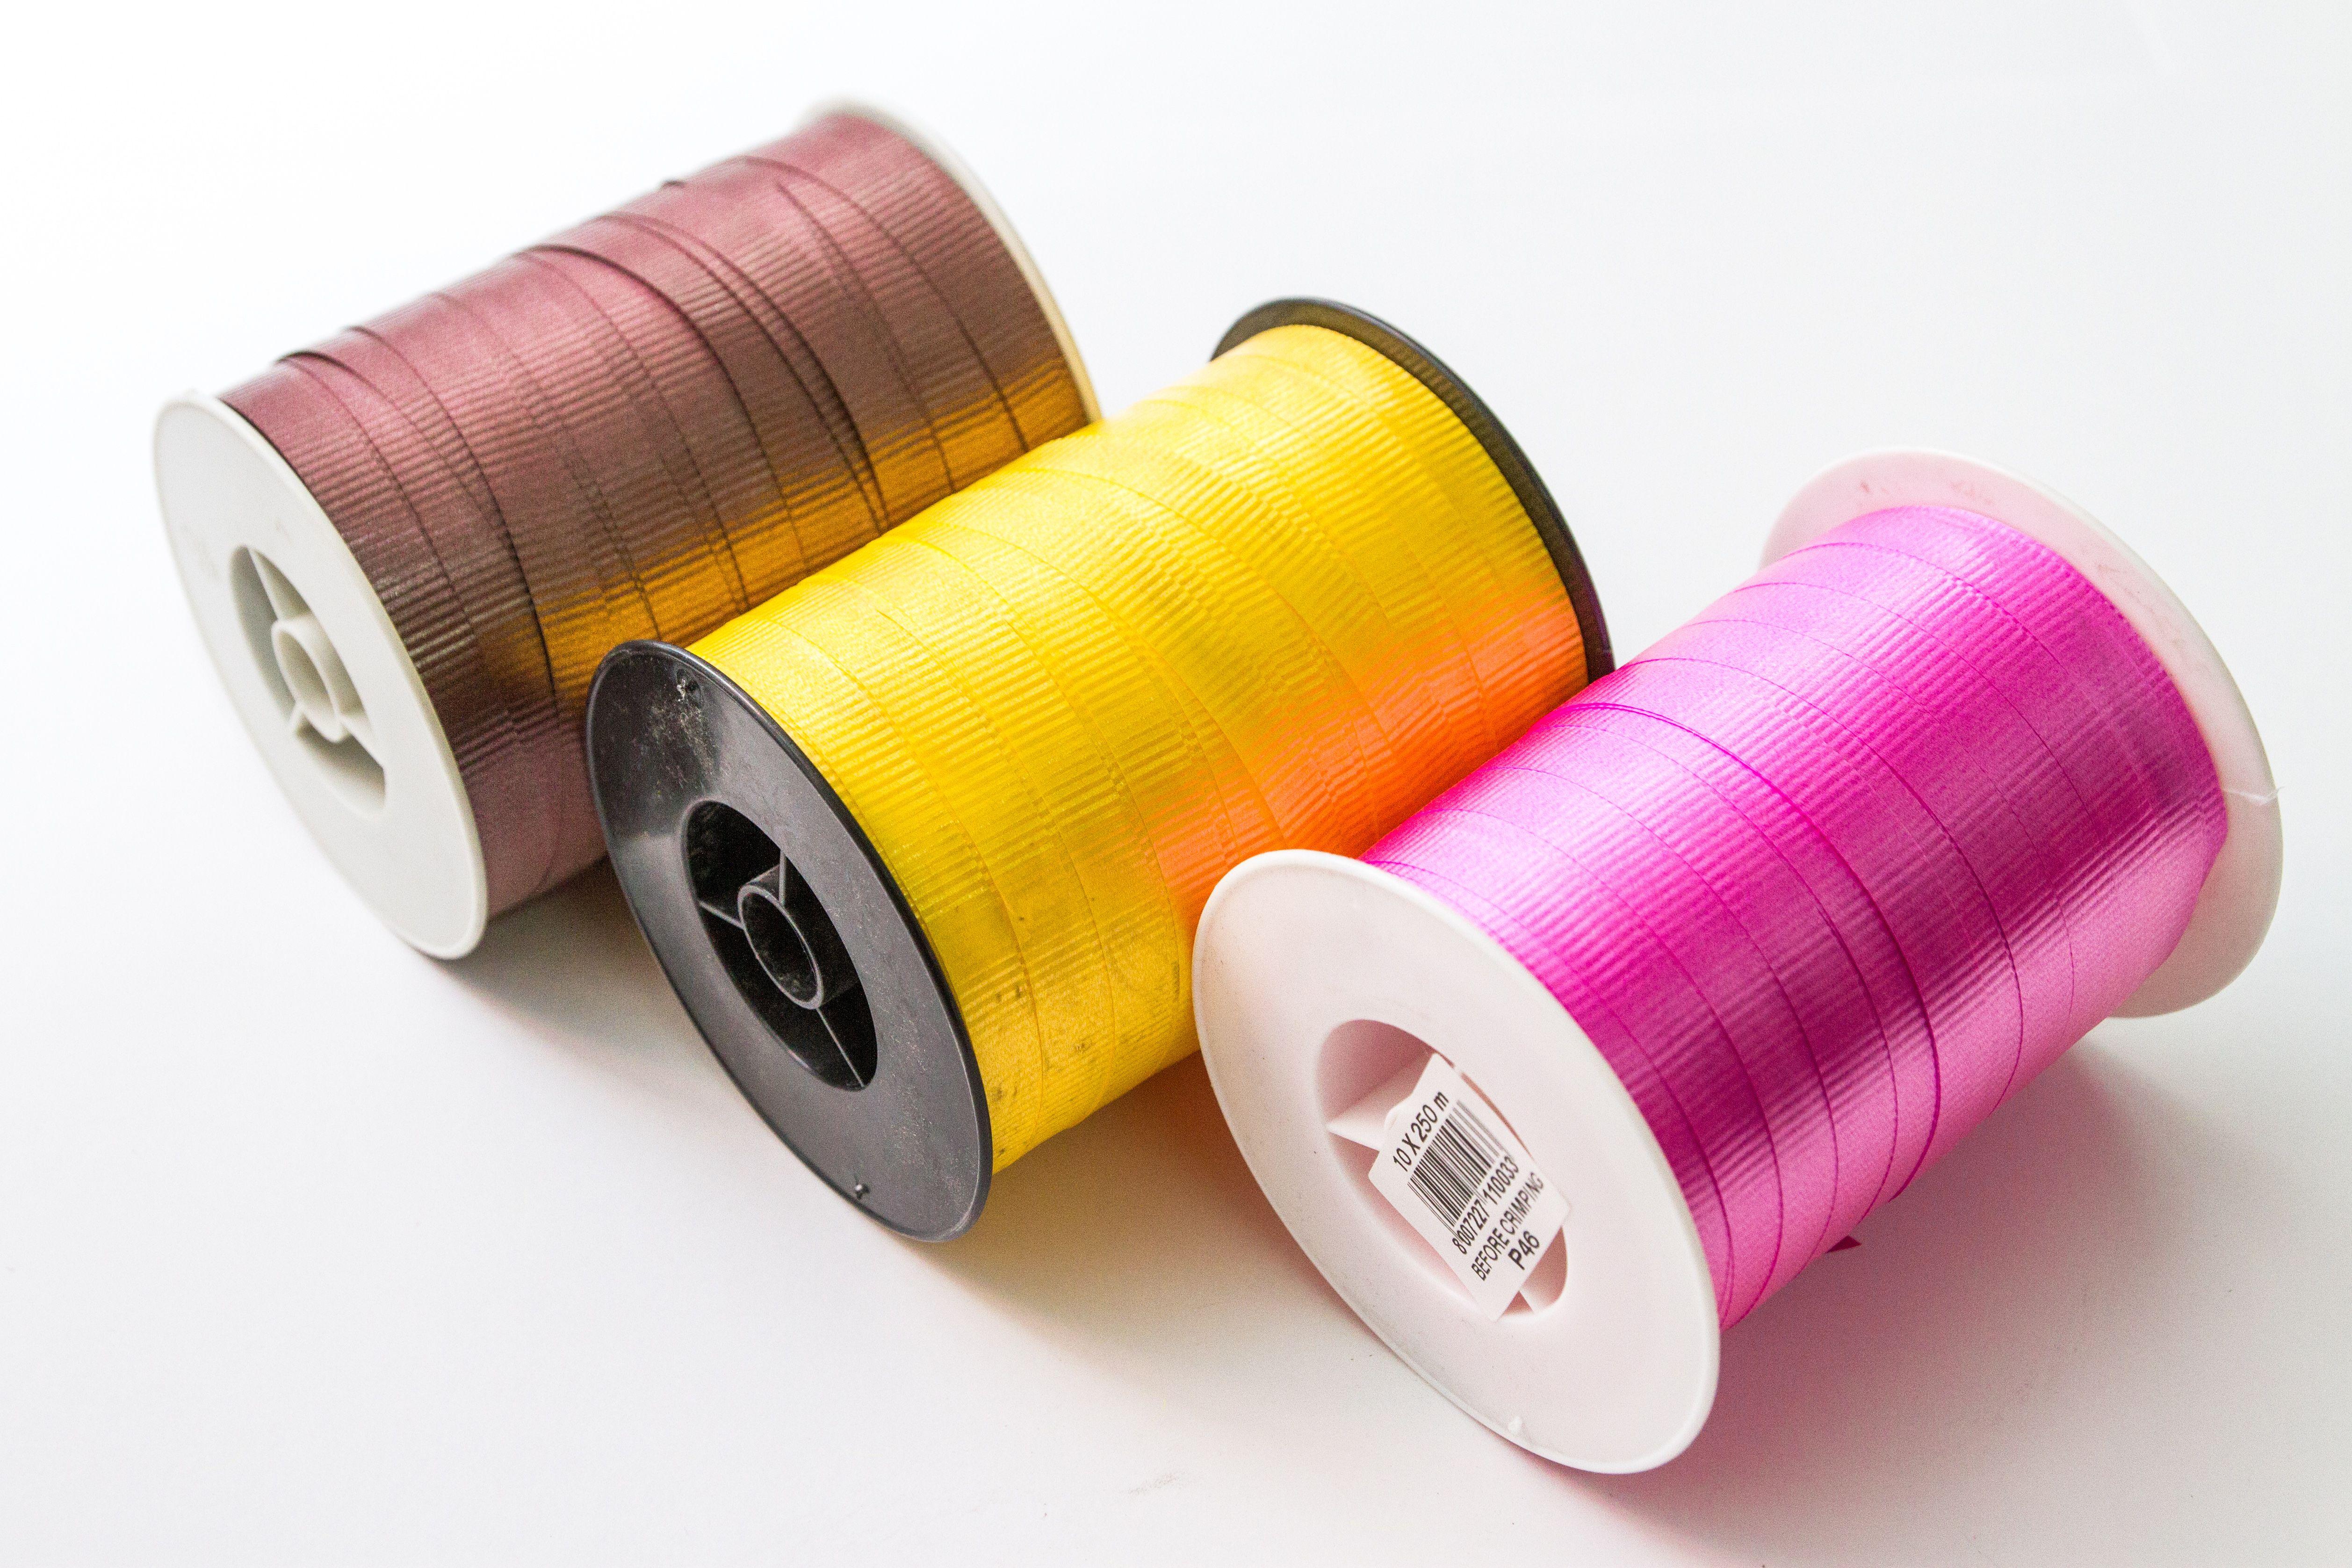 Cintas de embalaje con distintos colores